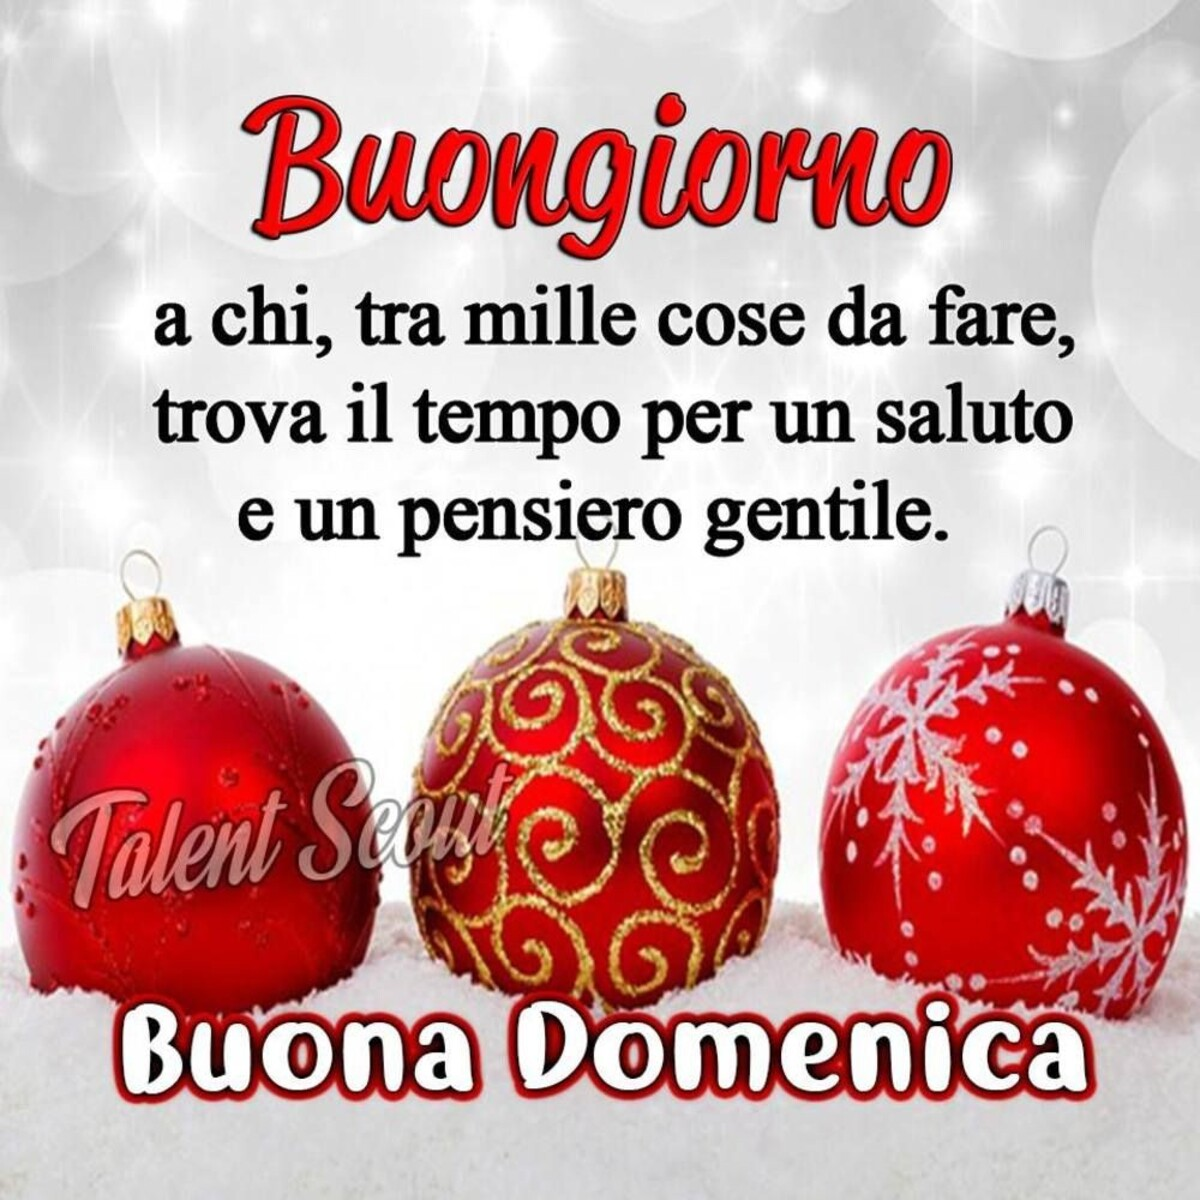 """""""Buongiorno a chi, tra mille cose da fare, trova il tempo per un saluto e un pensiero gentile. Buona Domenica"""" - immagini natalizie"""